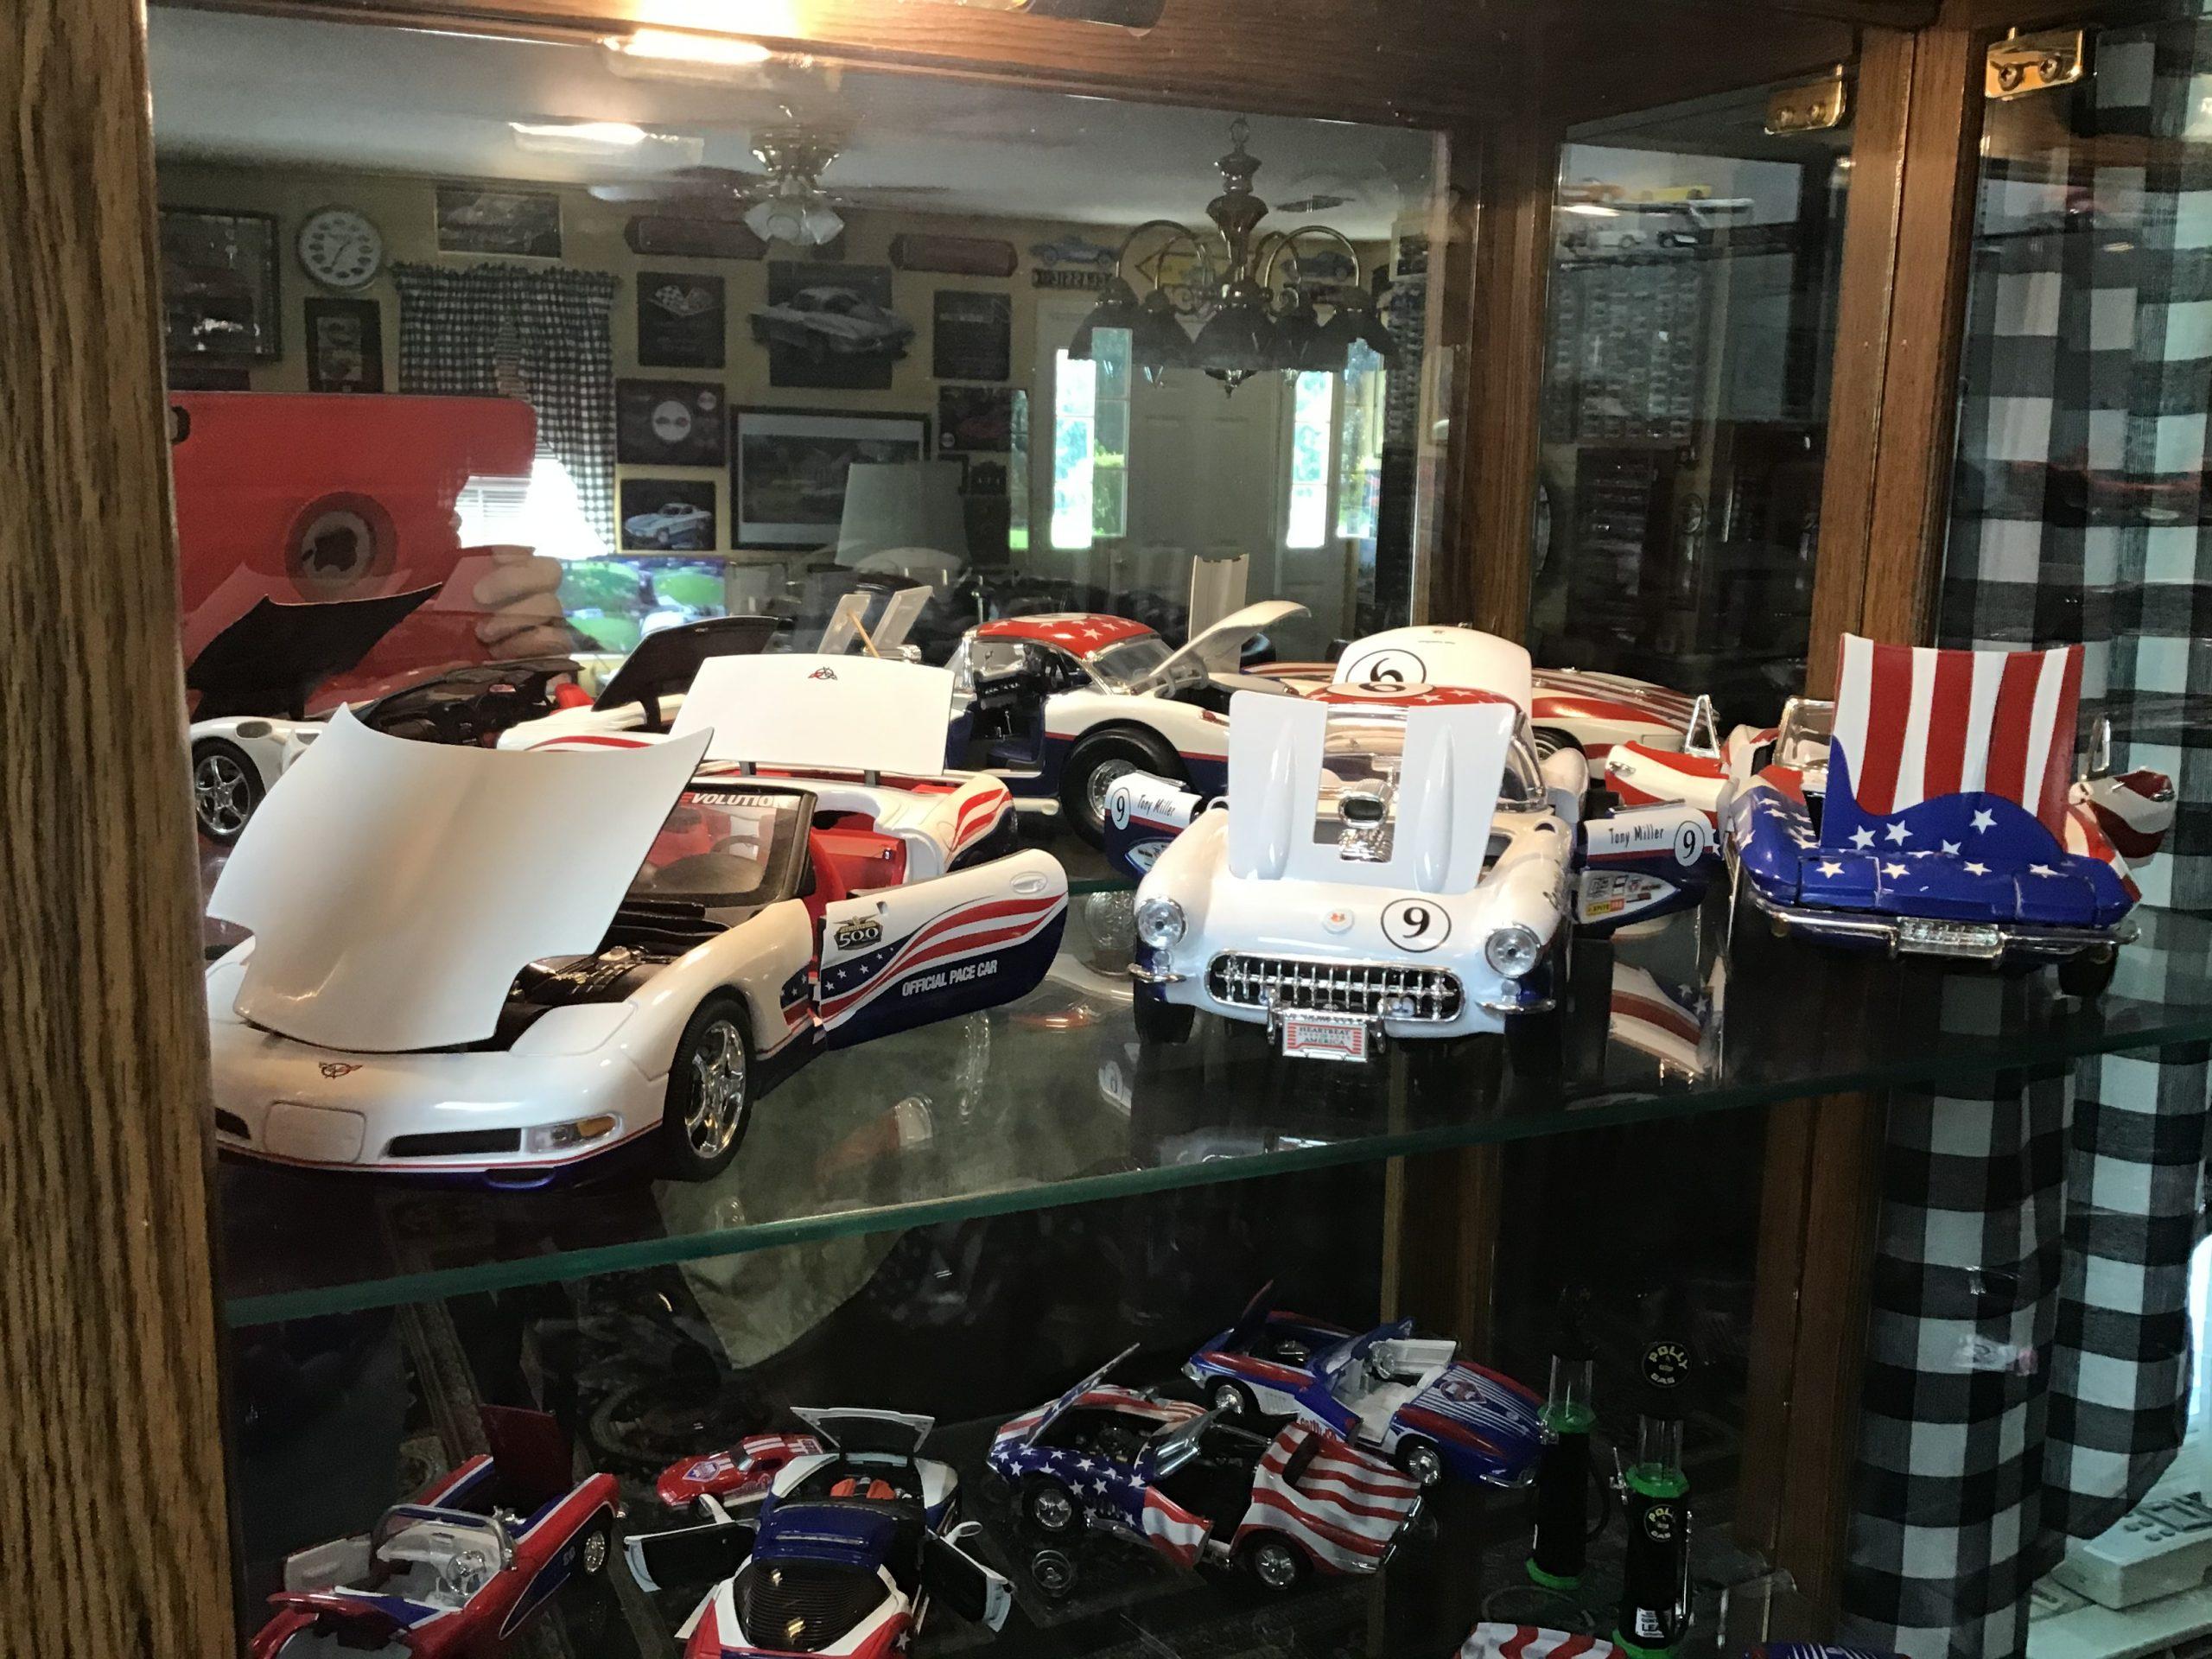 chevrolet corvette house decor diecast models